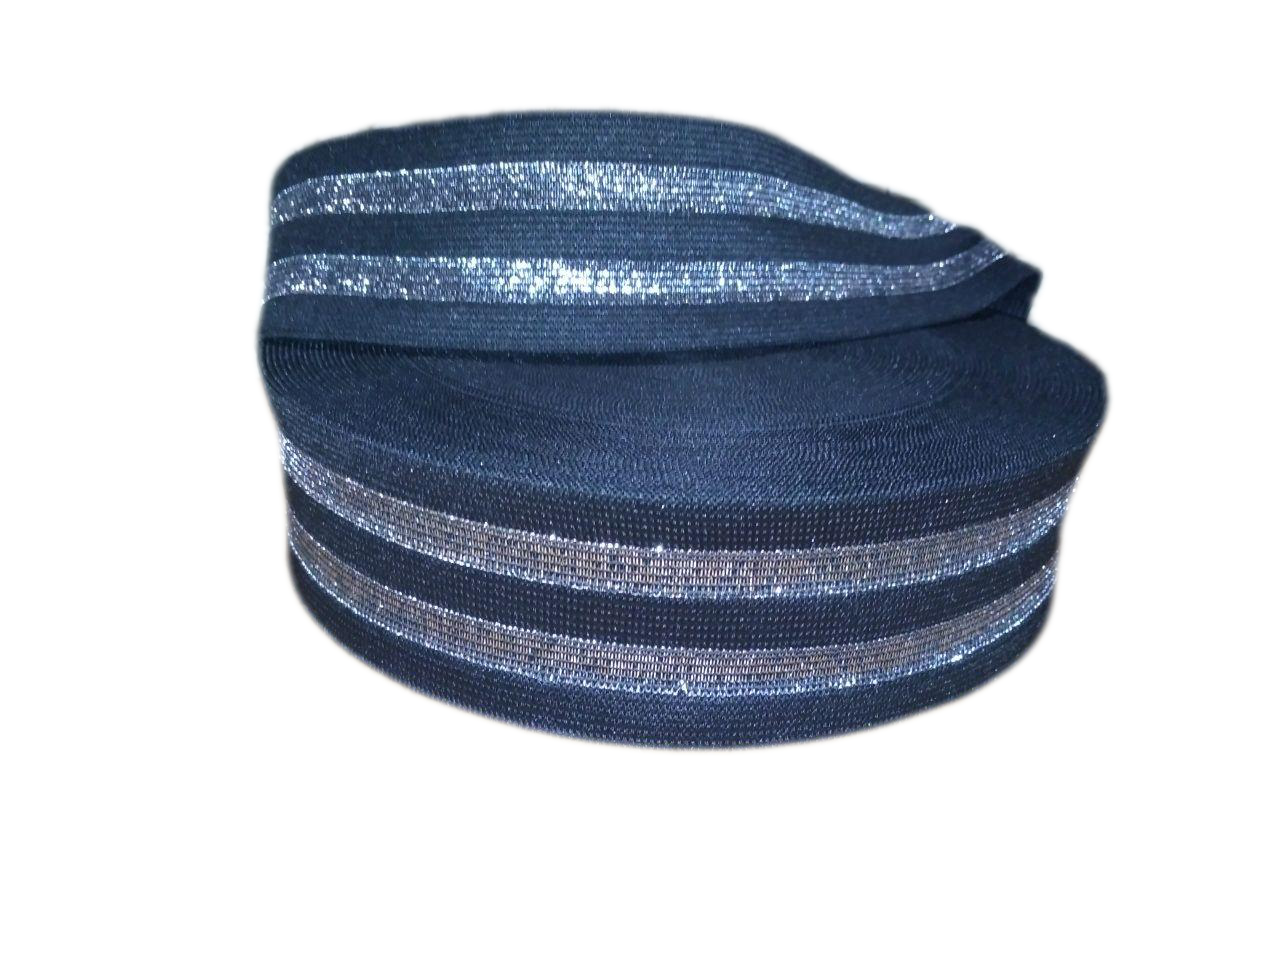 Резинка люрикс 5 см чёрная с двумя полосками люрикса